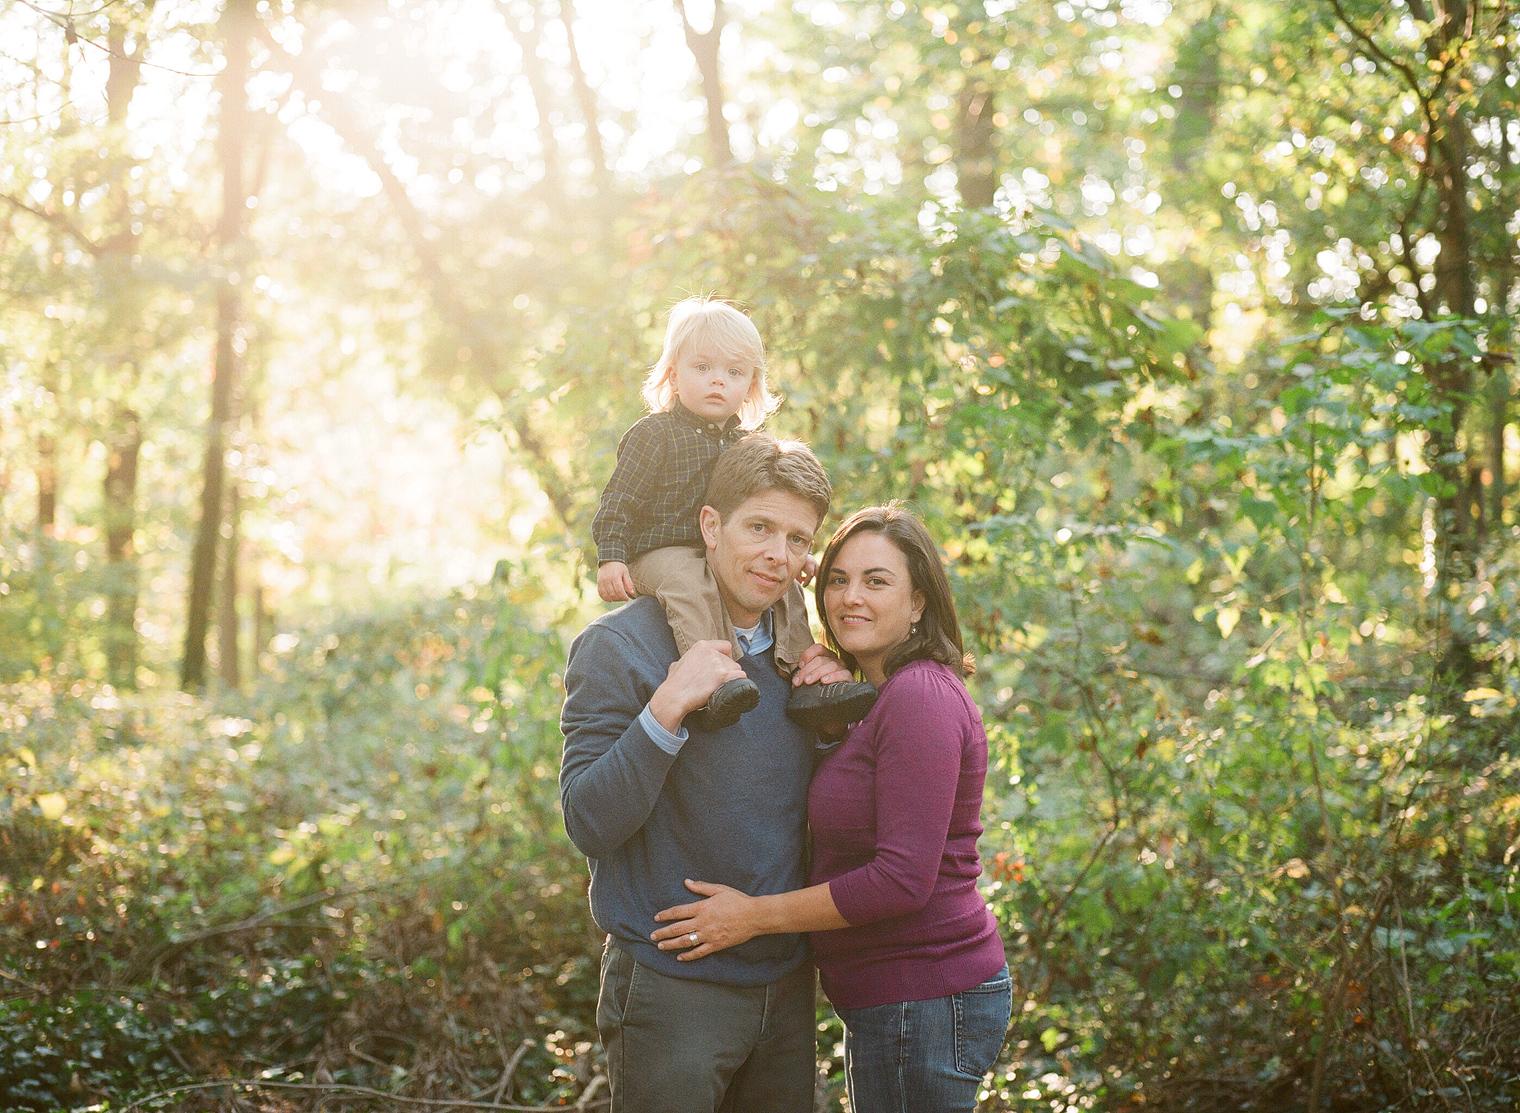 Arlington-Virginia-Family-Photographer006.jpg